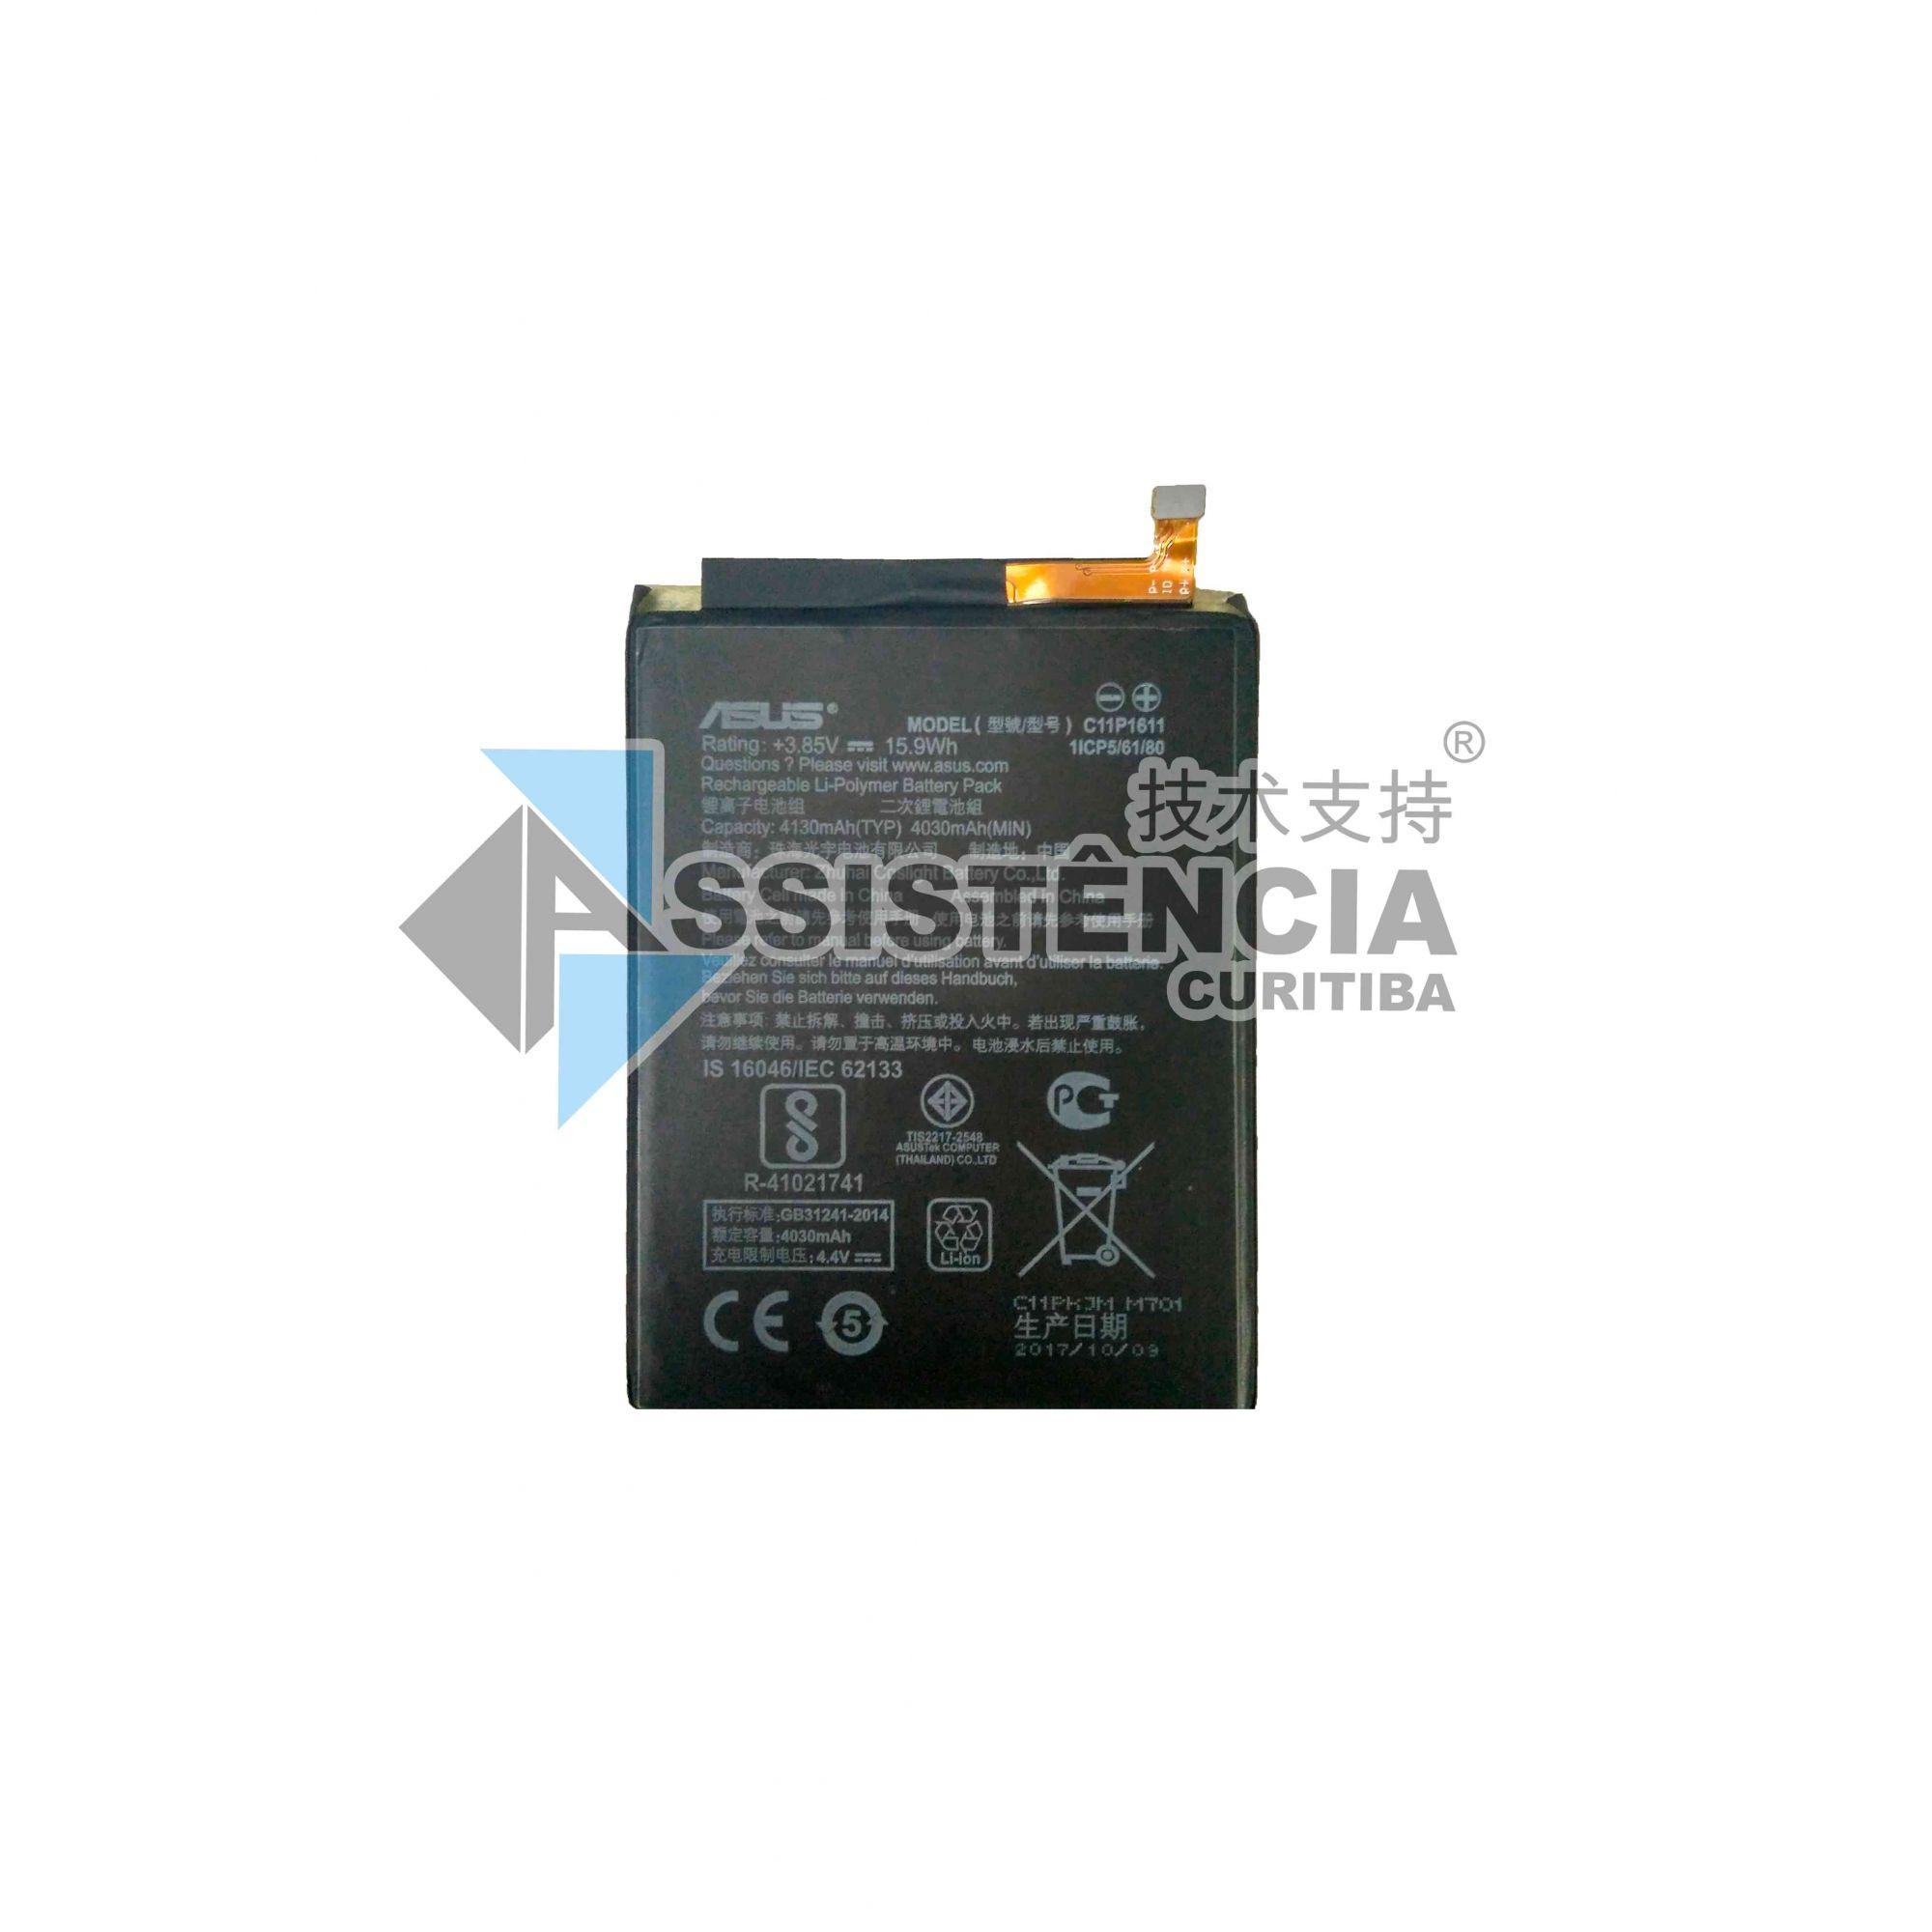 BATERIA CELULAR ASUS ZENFONE 3 MAX C11P1611 ZC520TL X008D